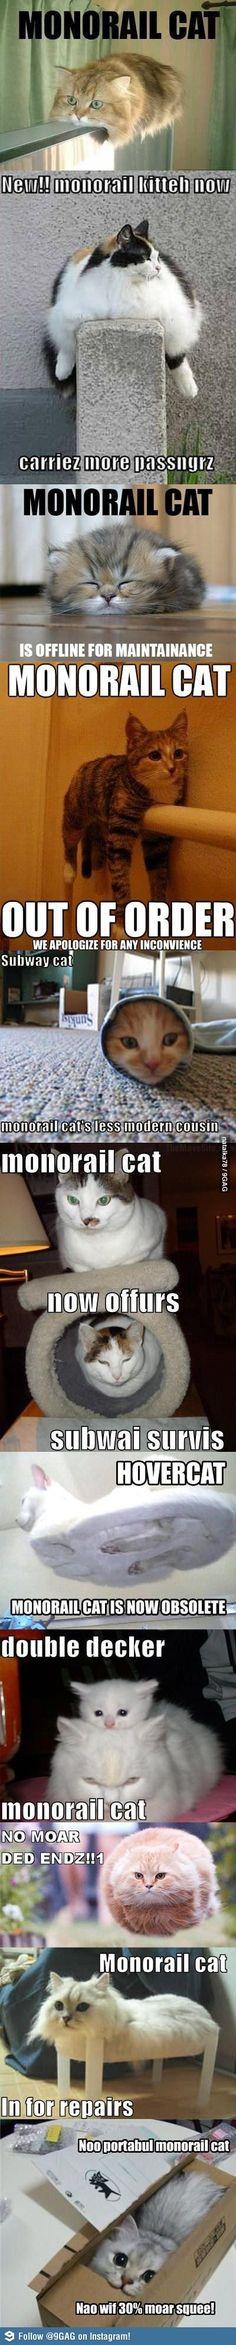 모노레일 고양이들 | Daum 루리웹